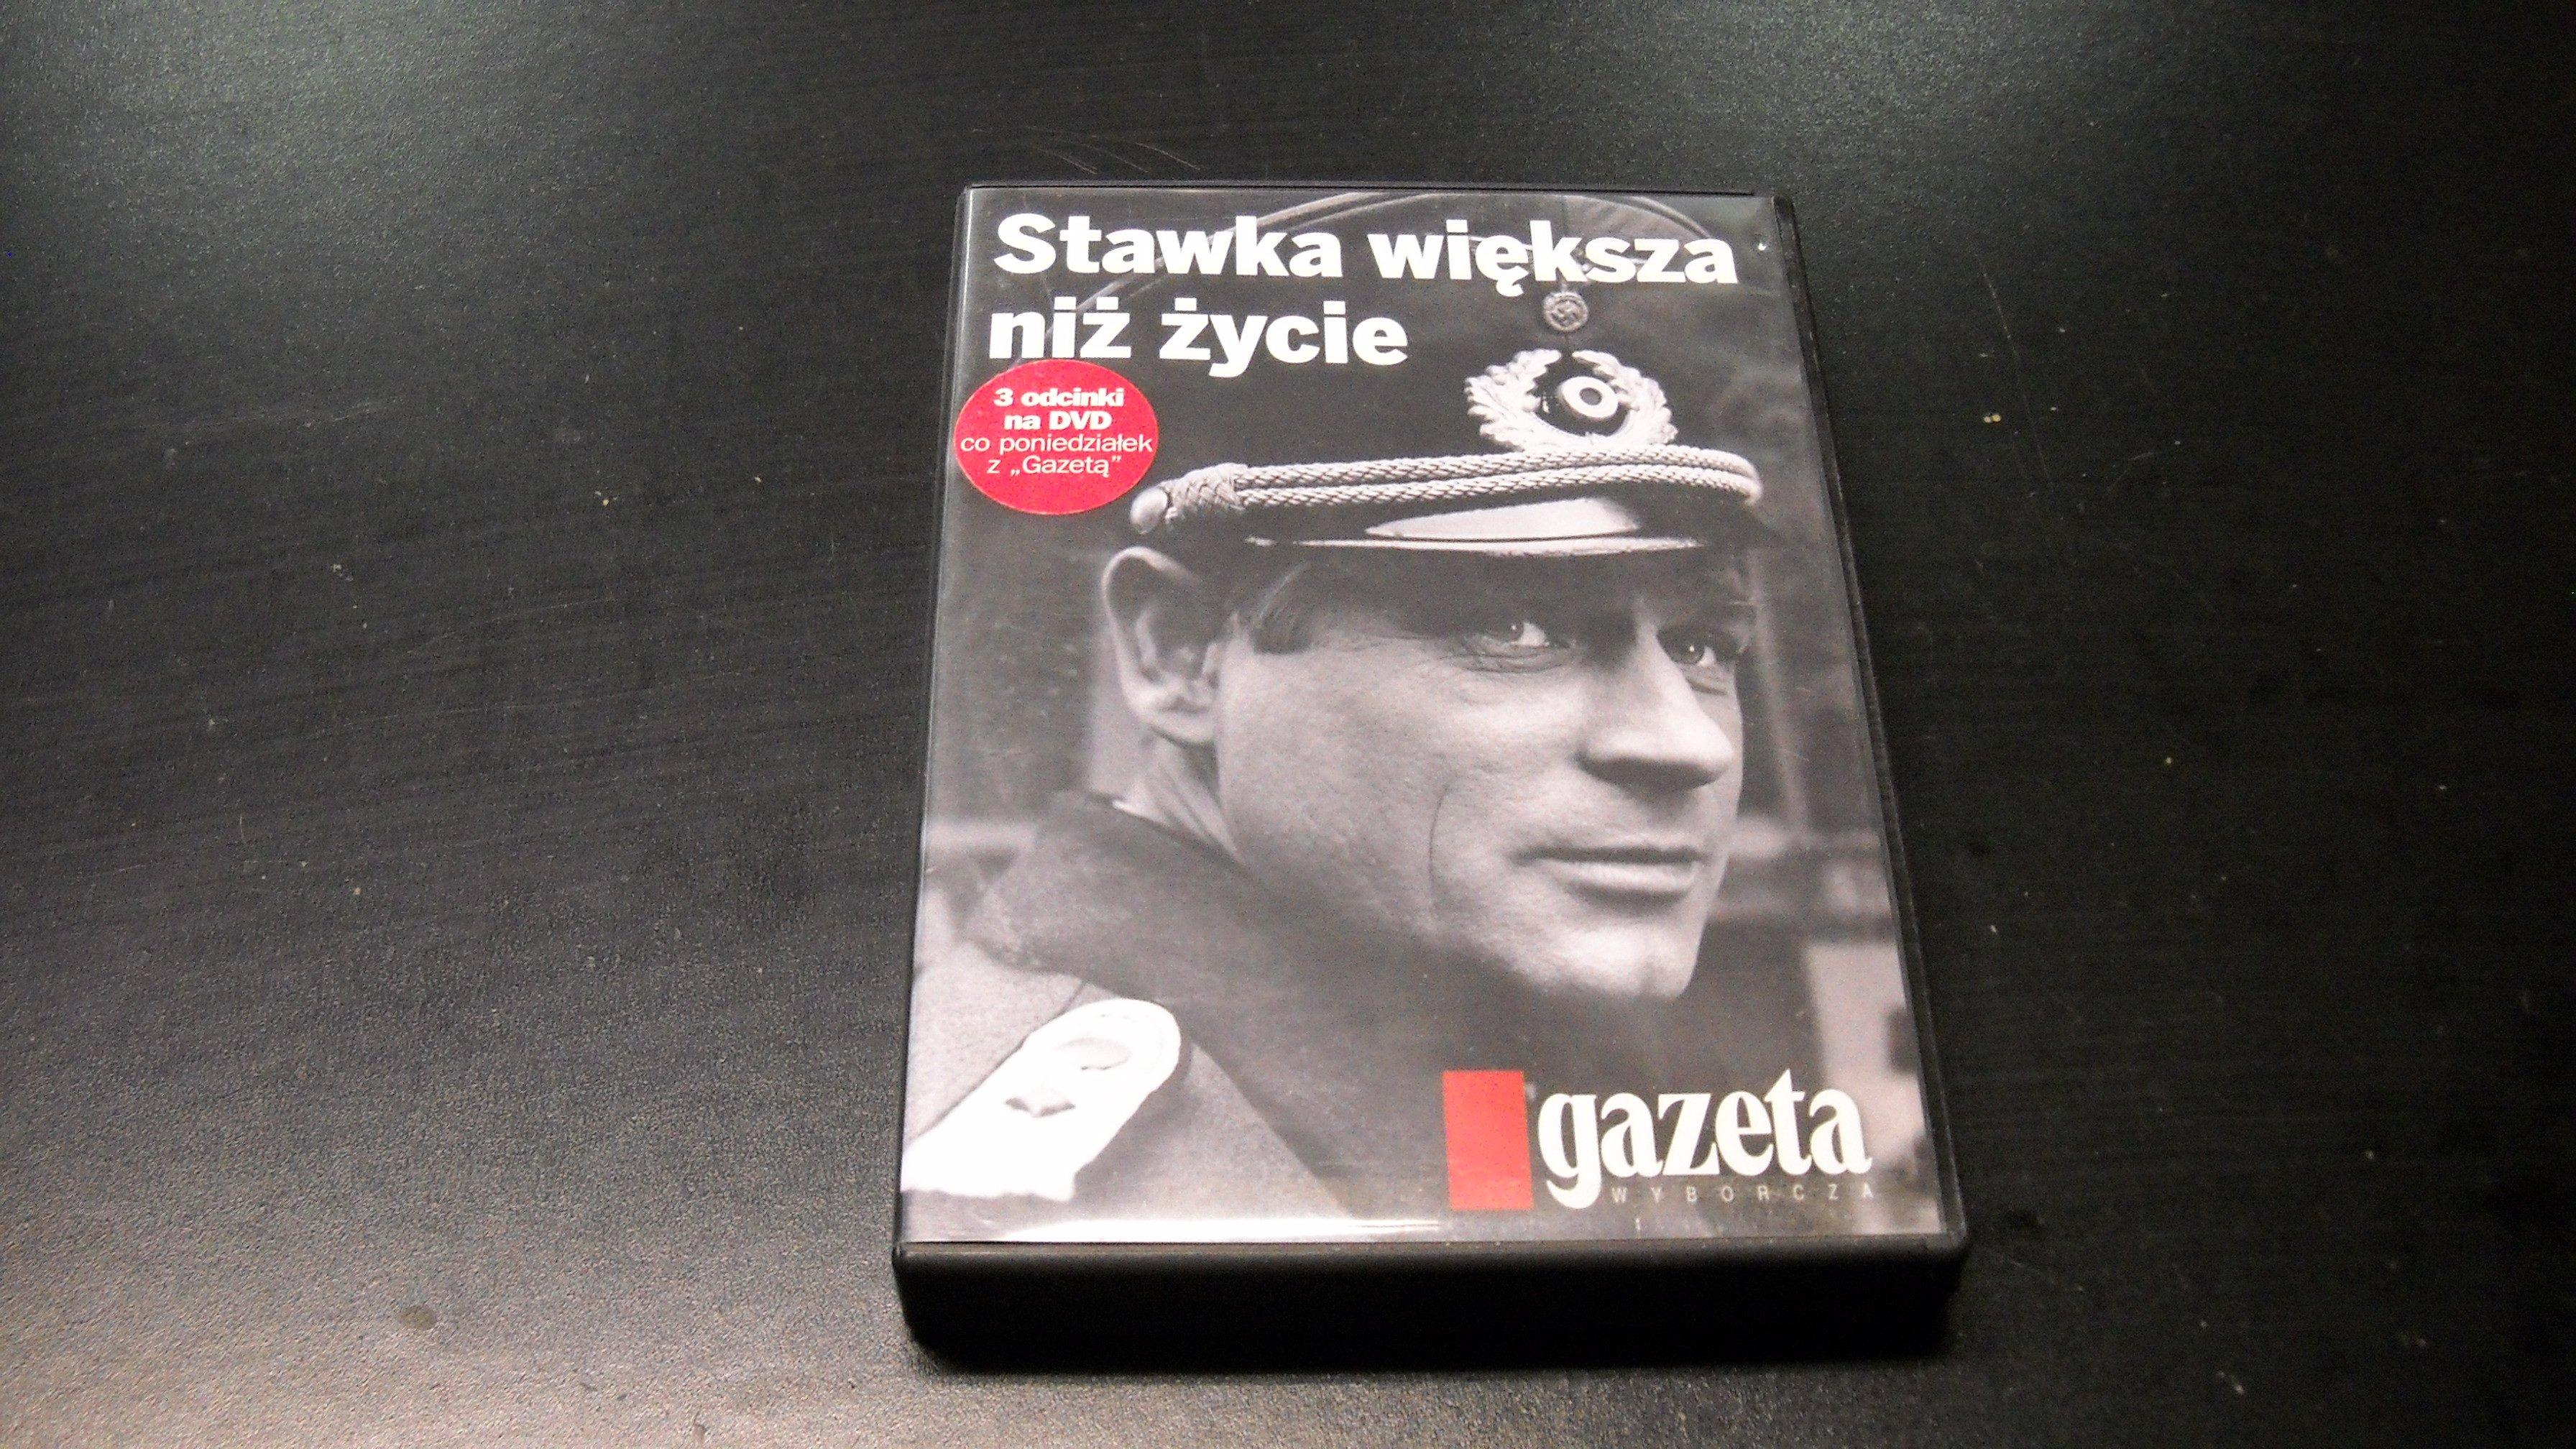 Stawka większa niż życie - 6 DVD - Opole AlleOpole.pl